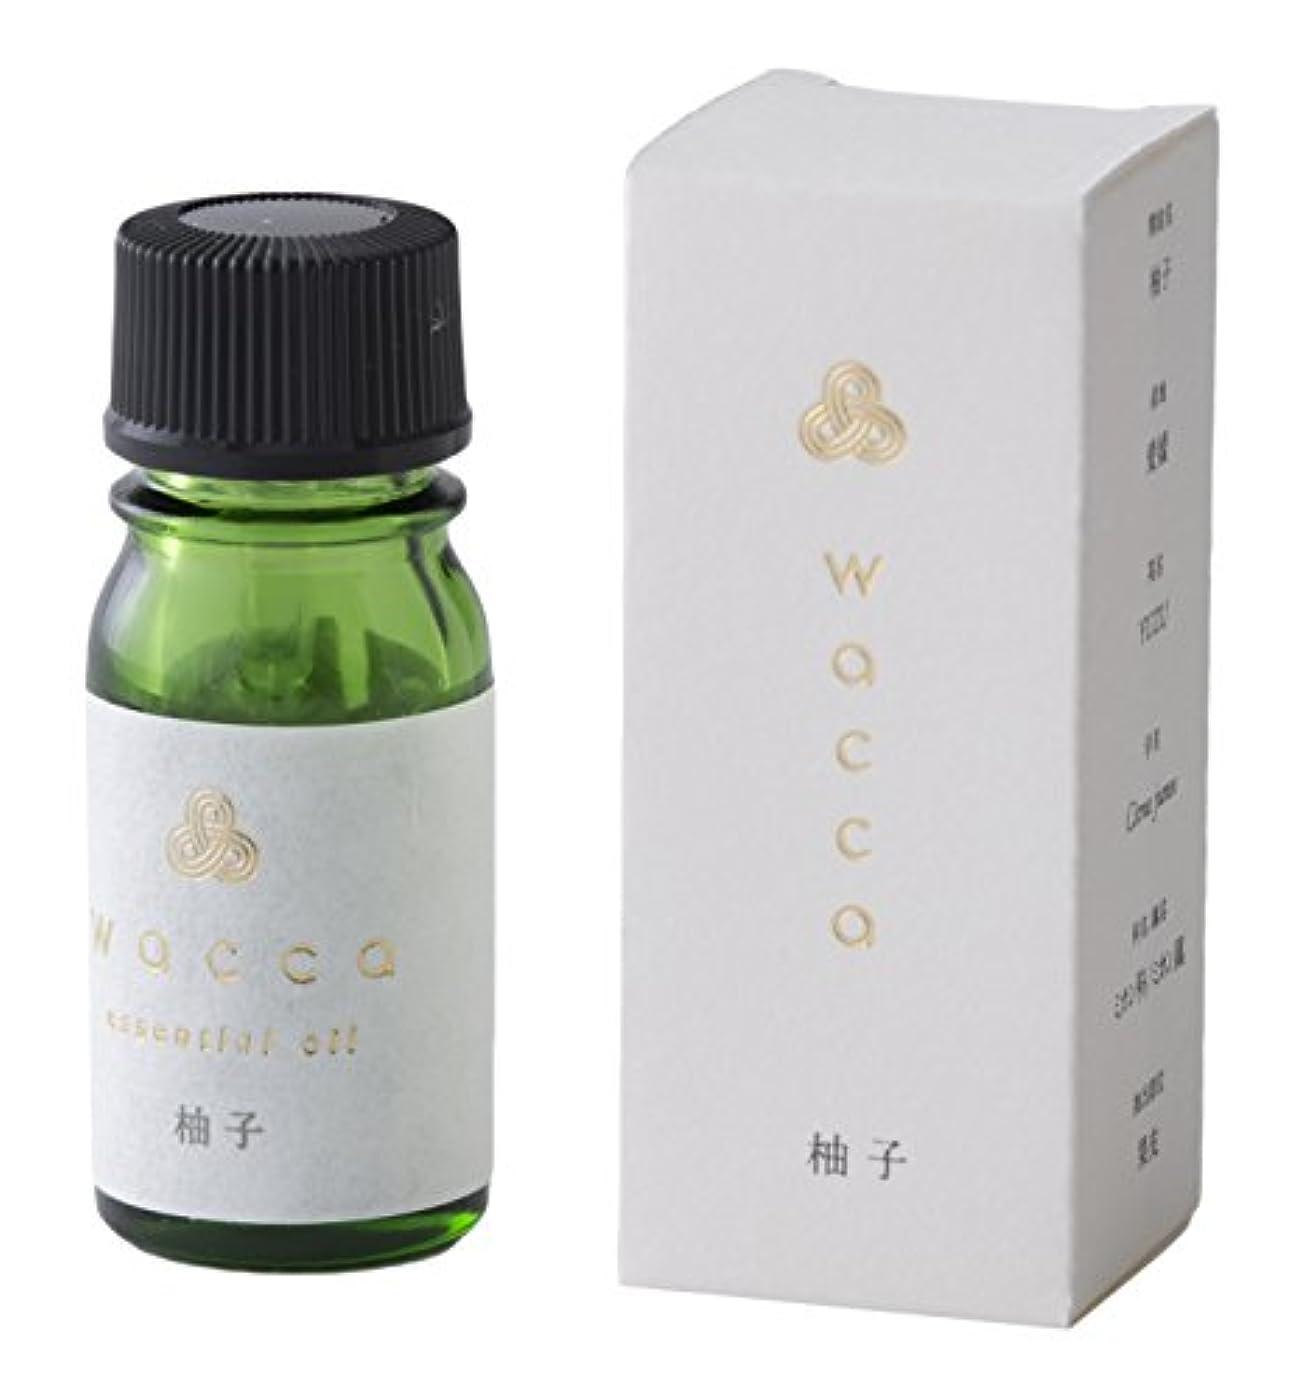 モバイル土生命体wacca ワッカ エッセンシャルオイル 5ml 柚子 ユズ yuzu essential oil 和精油 KUSU HANDMADE